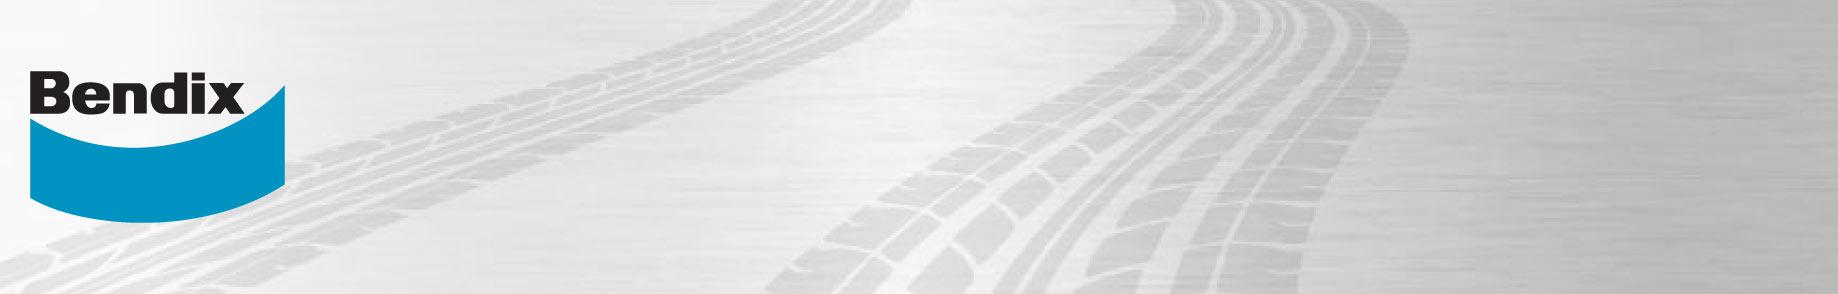 Etecno Banner